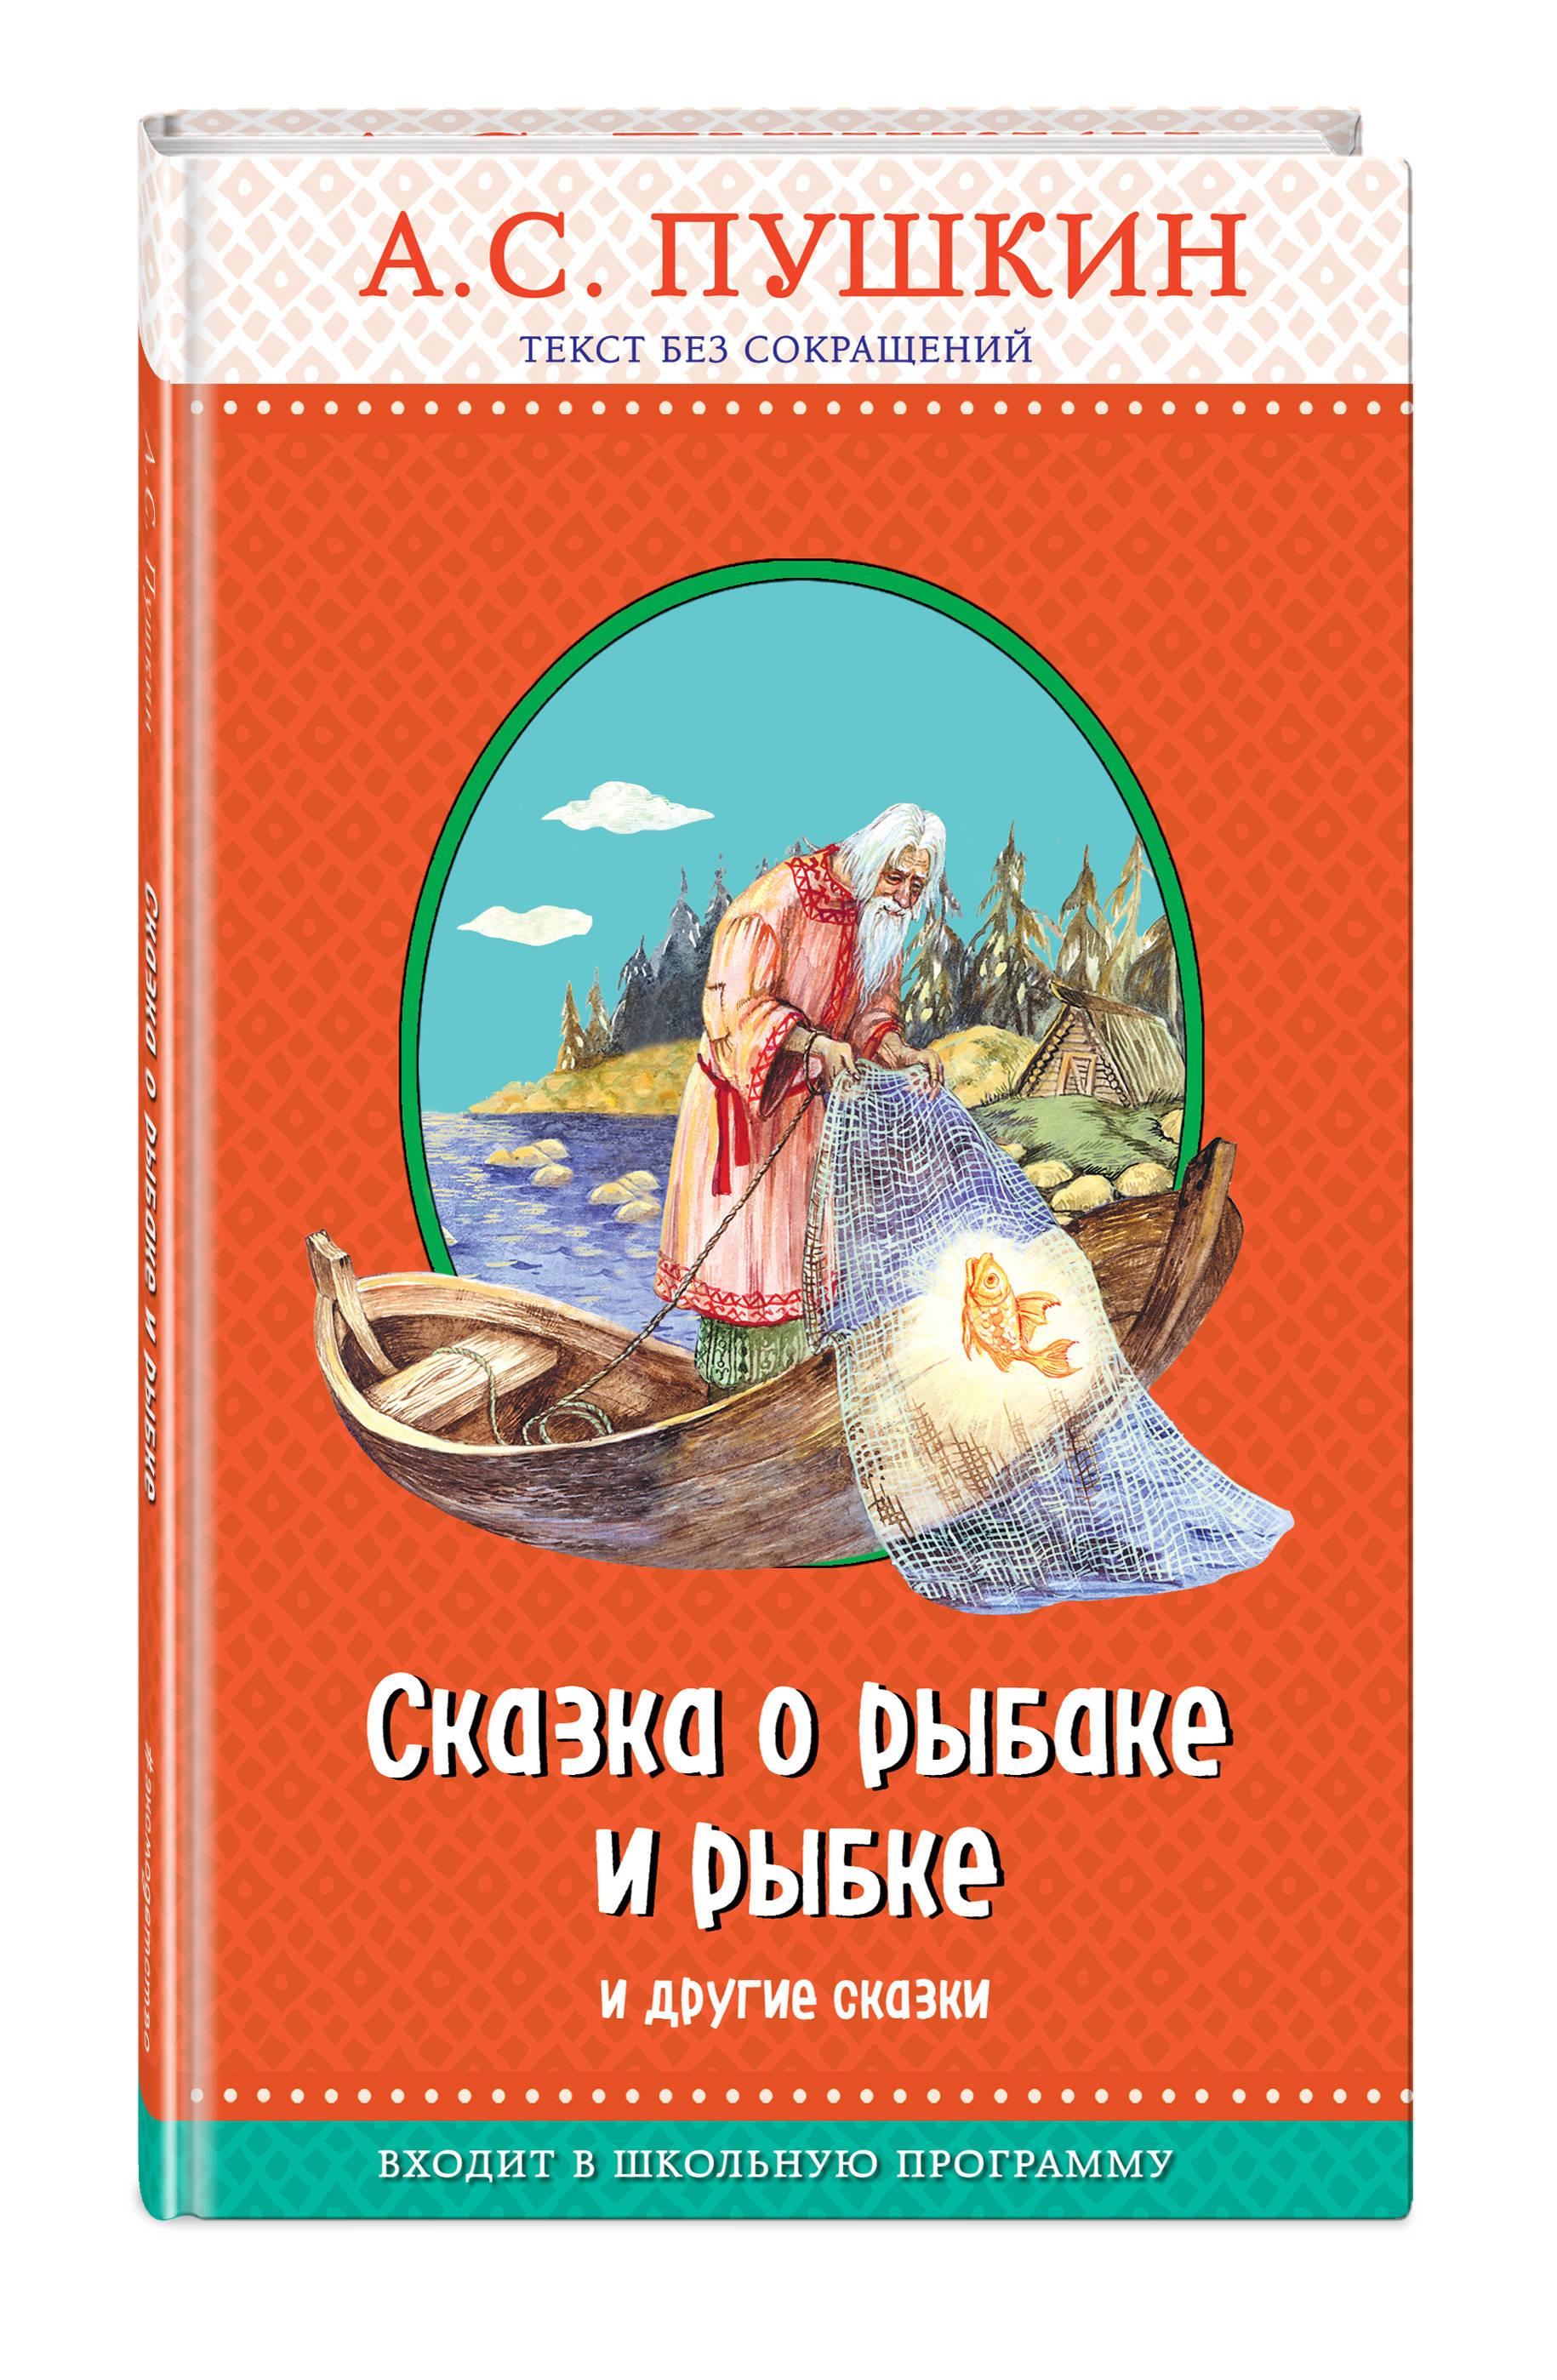 Пушкин А.С. Сказка о рыбаке и рыбке и другие сказки художественные книги росмэн сказка о рыбаке и рыбке пушкин а с